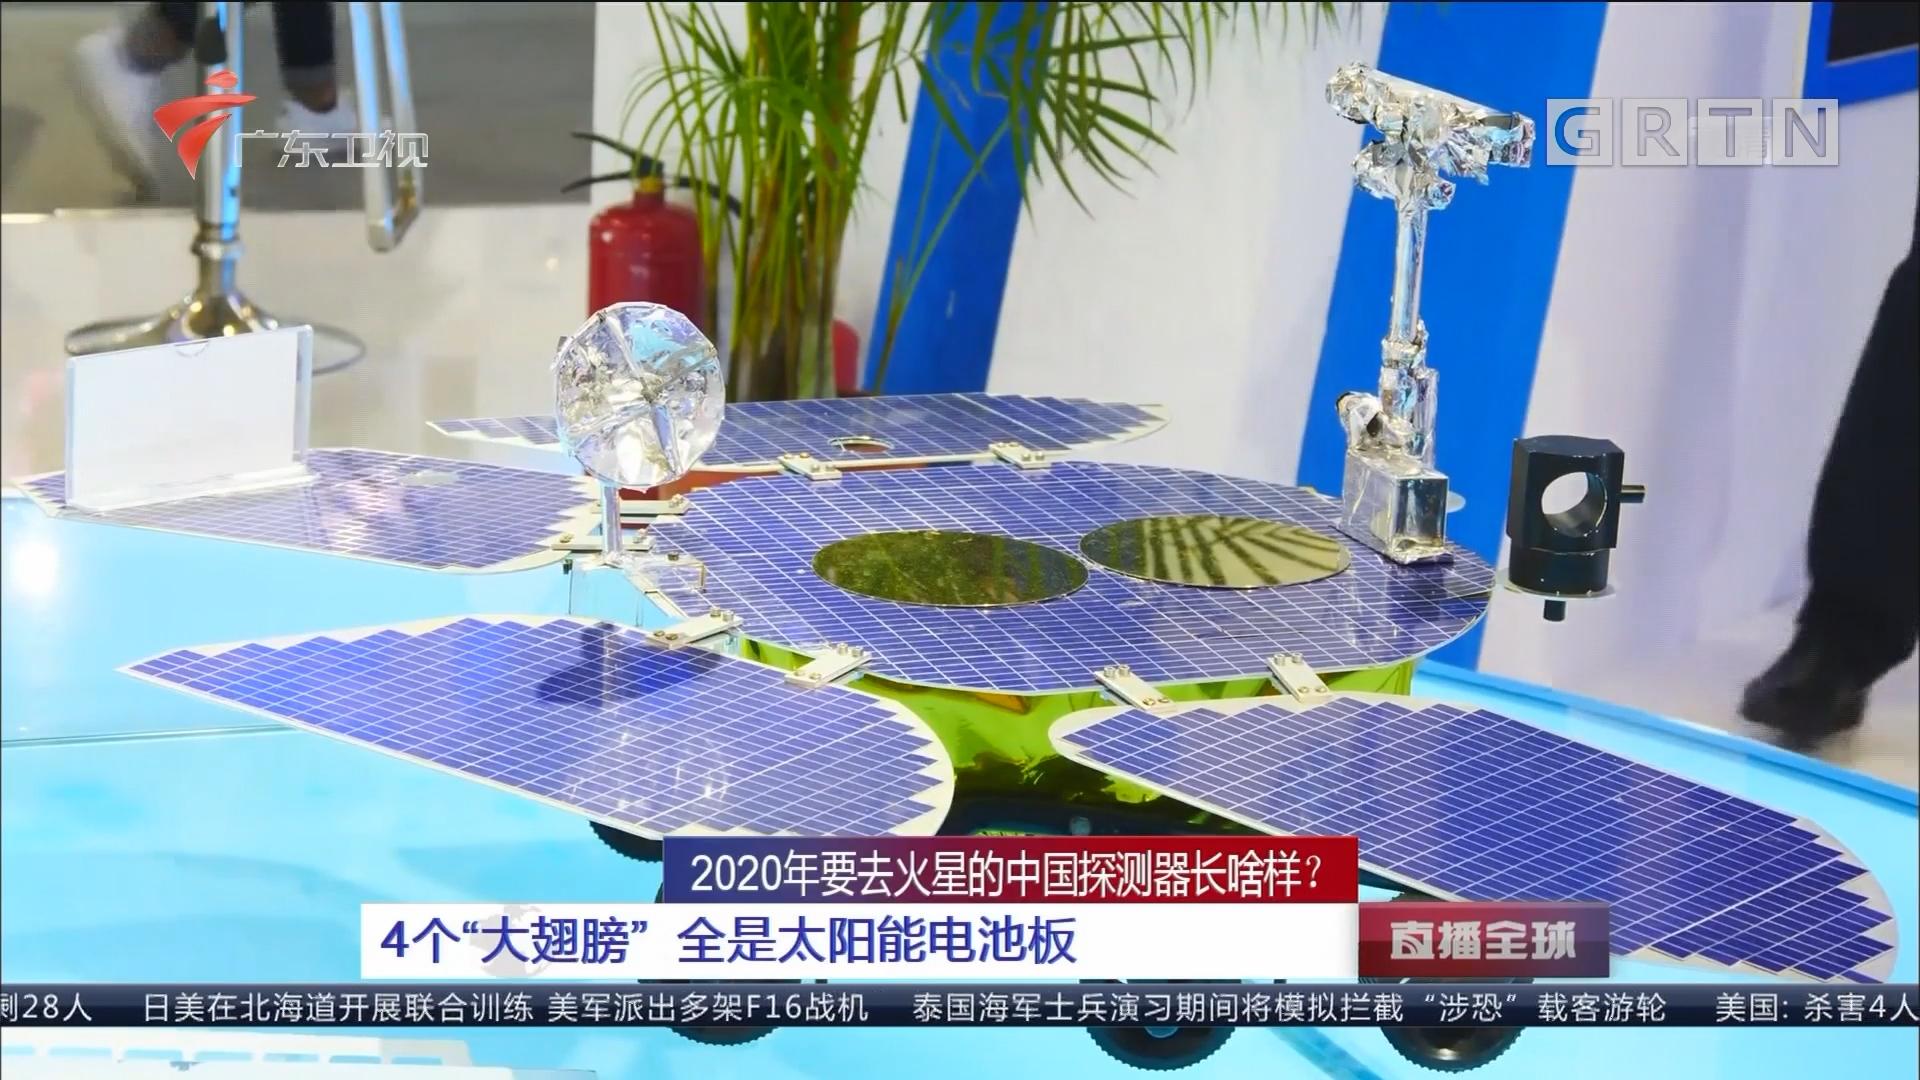 """2020年要去火星的中国探测器长啥样? 4个""""大翅膀""""全是太阳能电池板"""